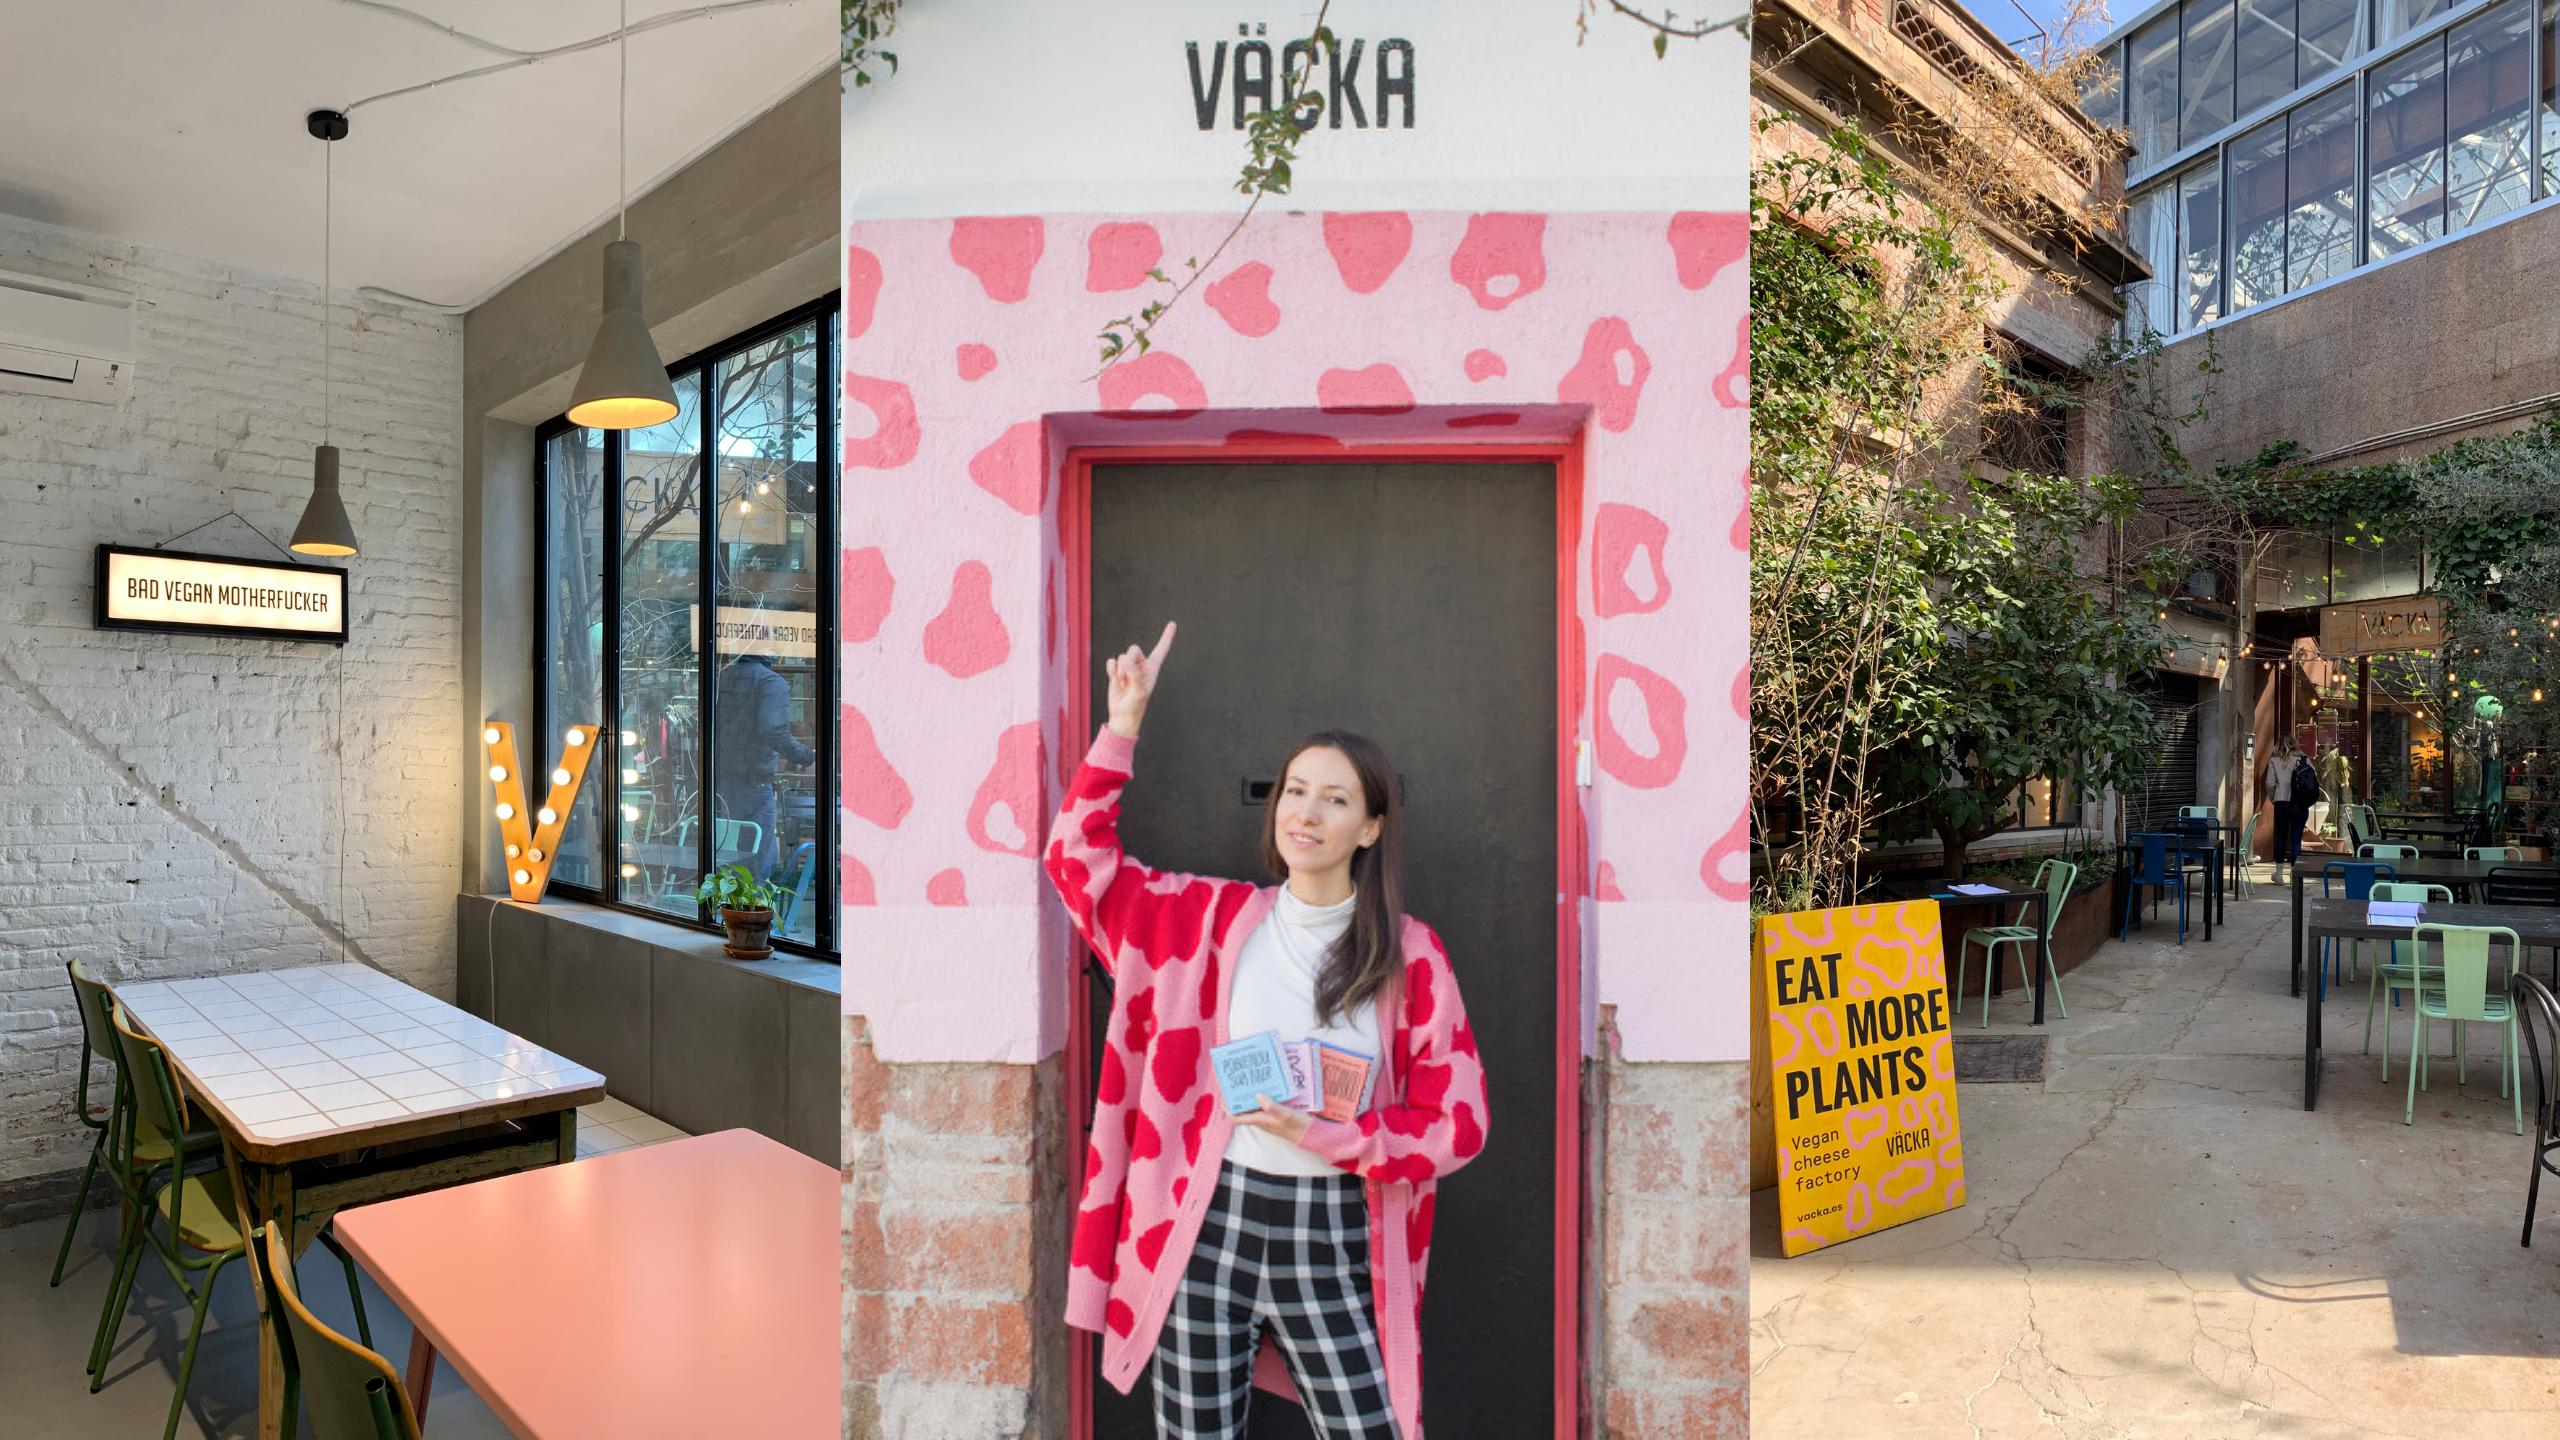 Väcka, quesería y restaurante 100% vegano en Barcelona